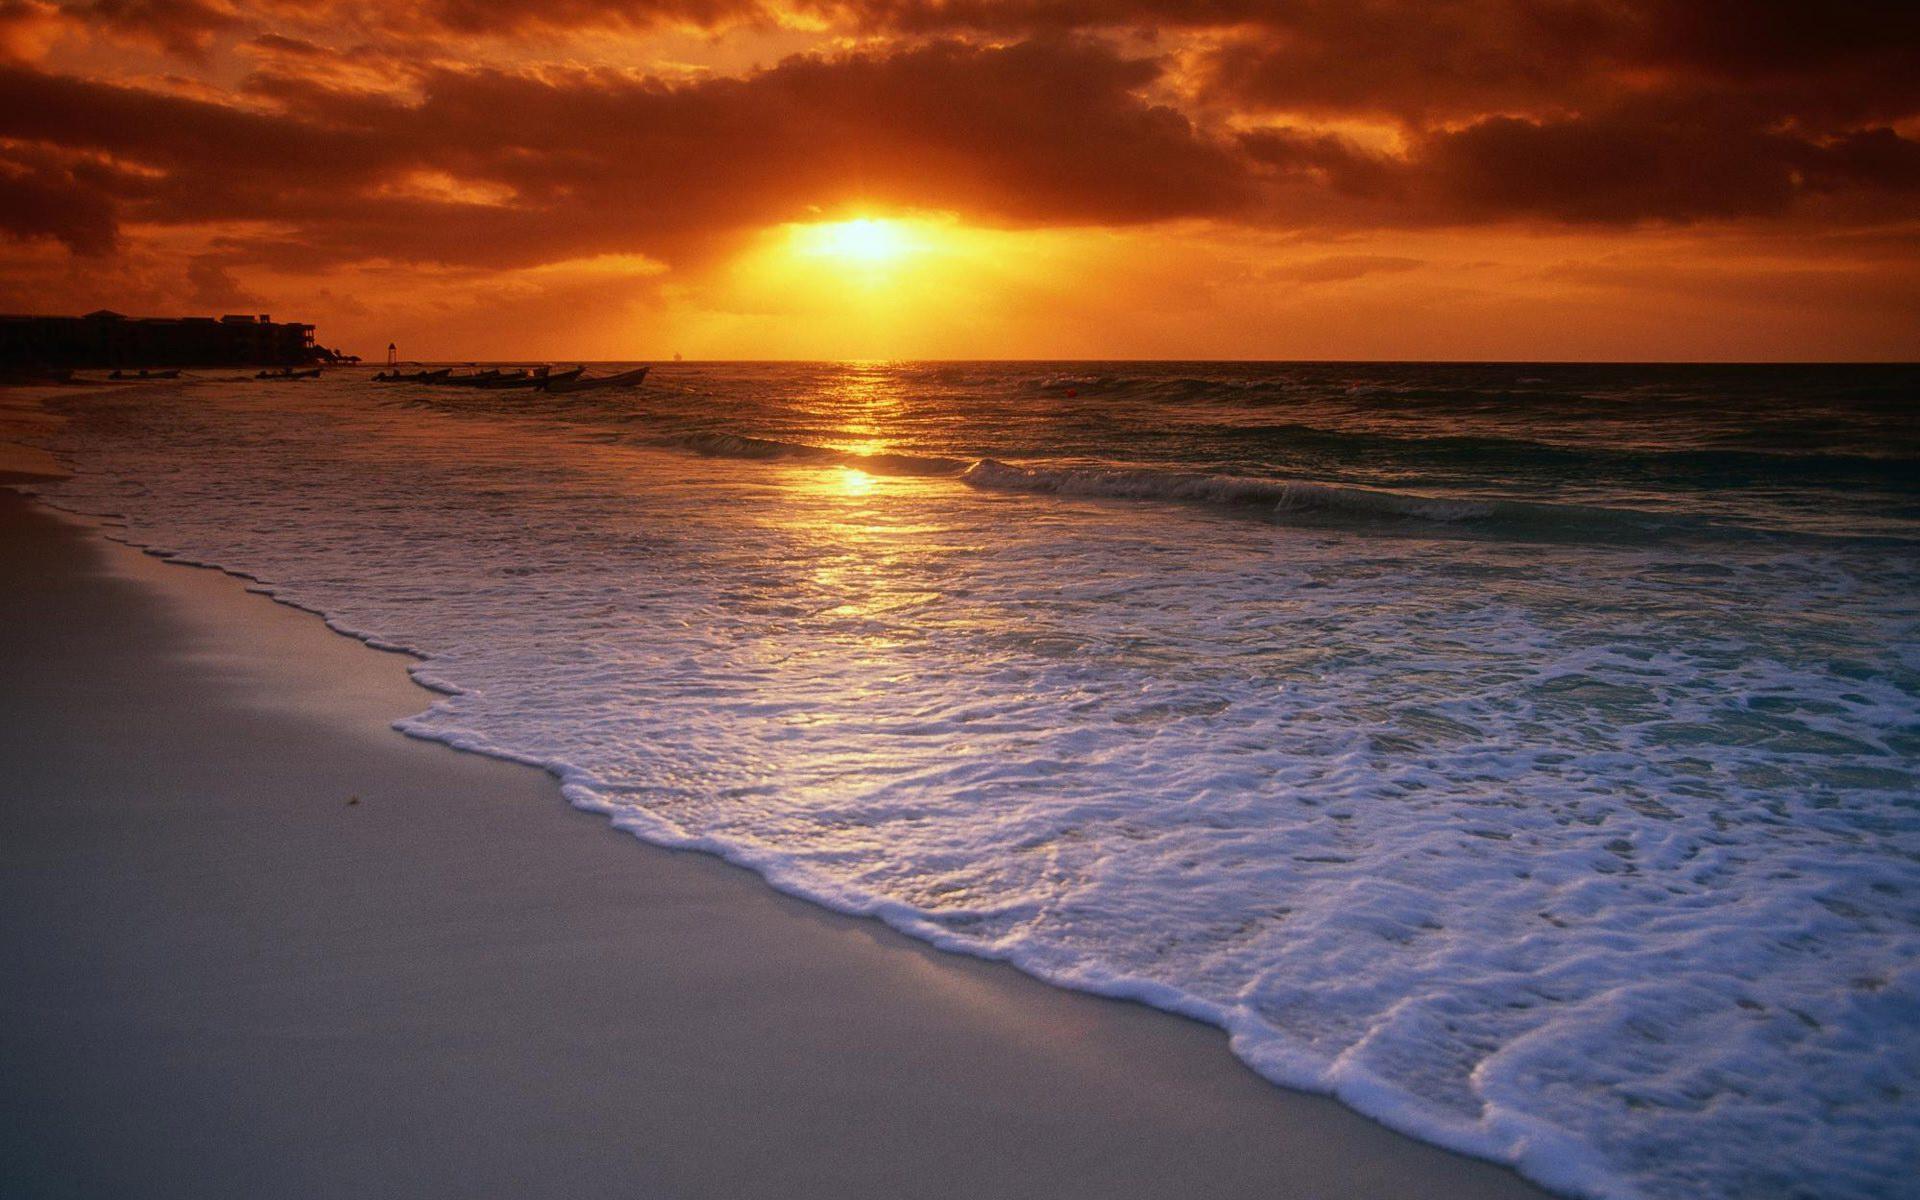 Sunset beach scenery